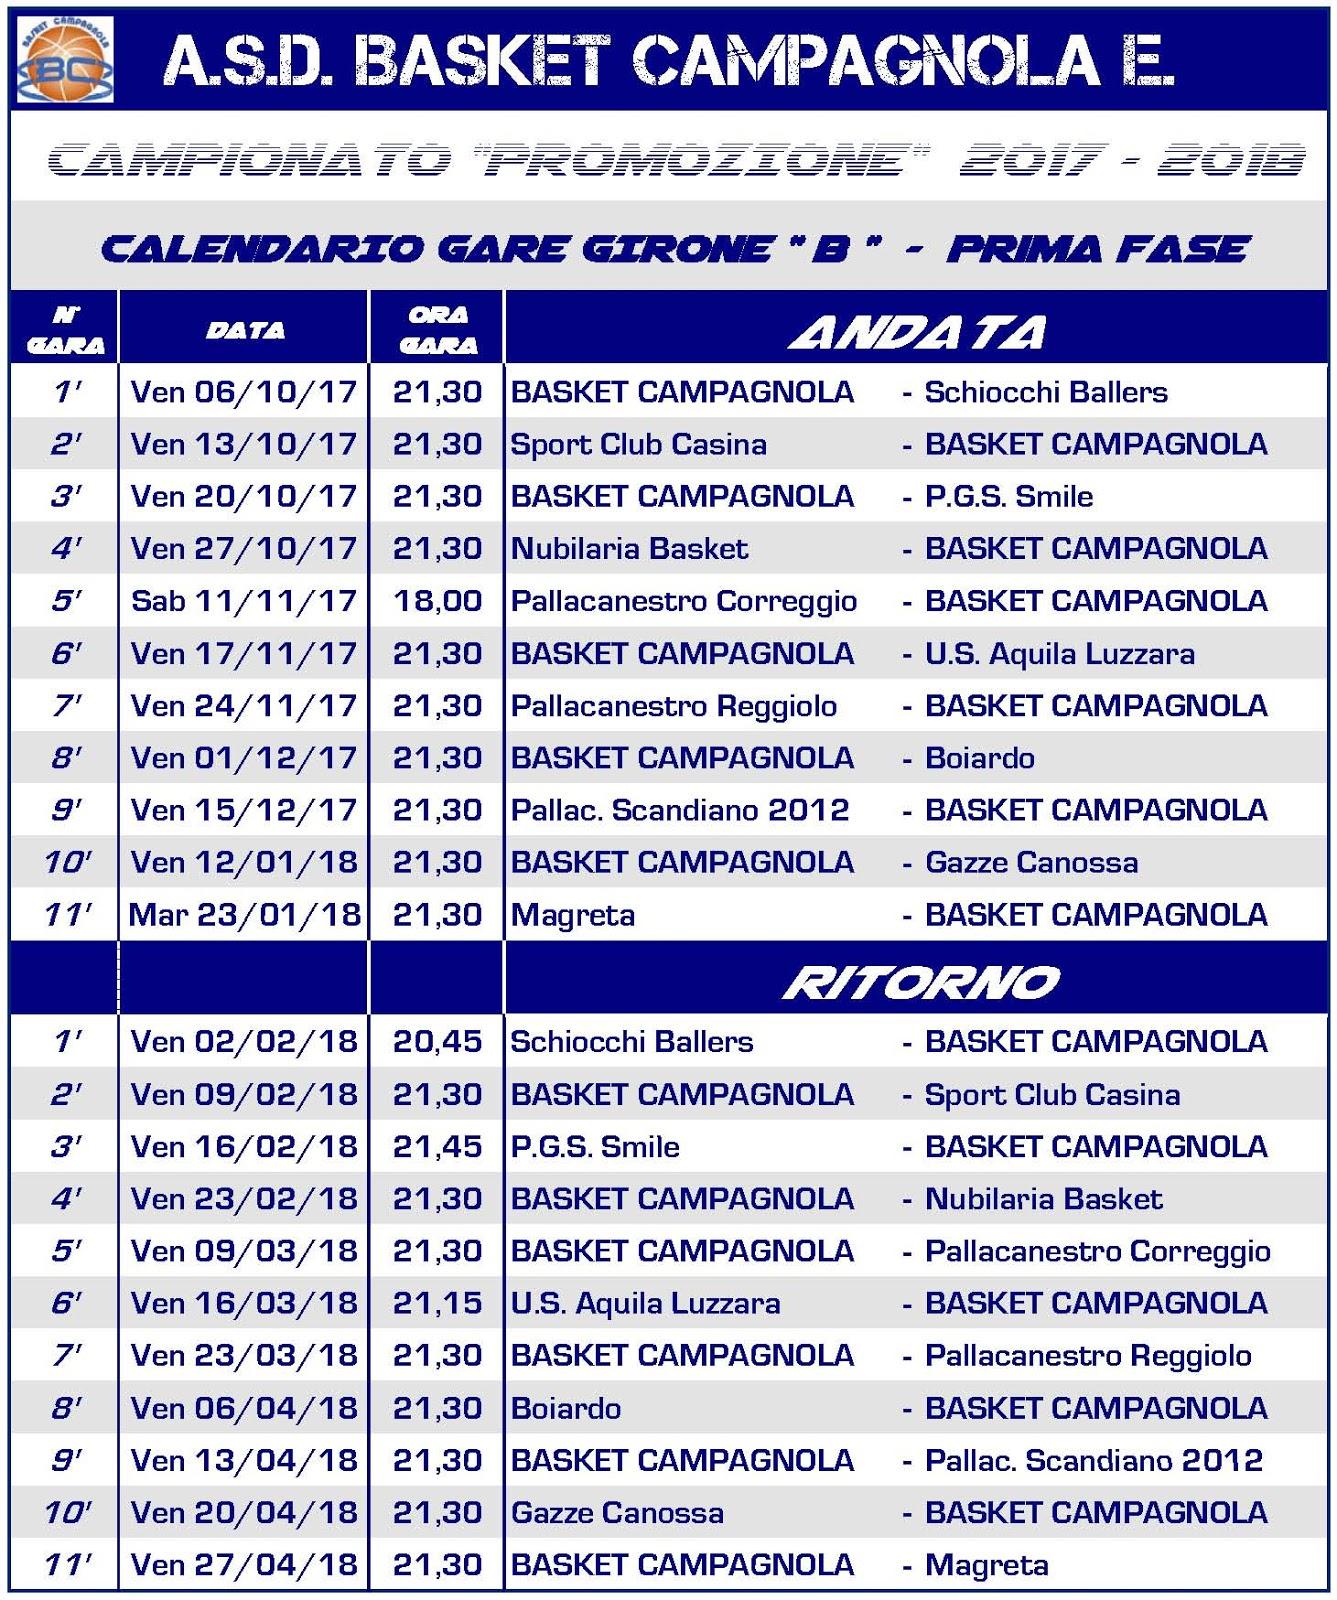 calendario-basket-campagnola-2017-2018